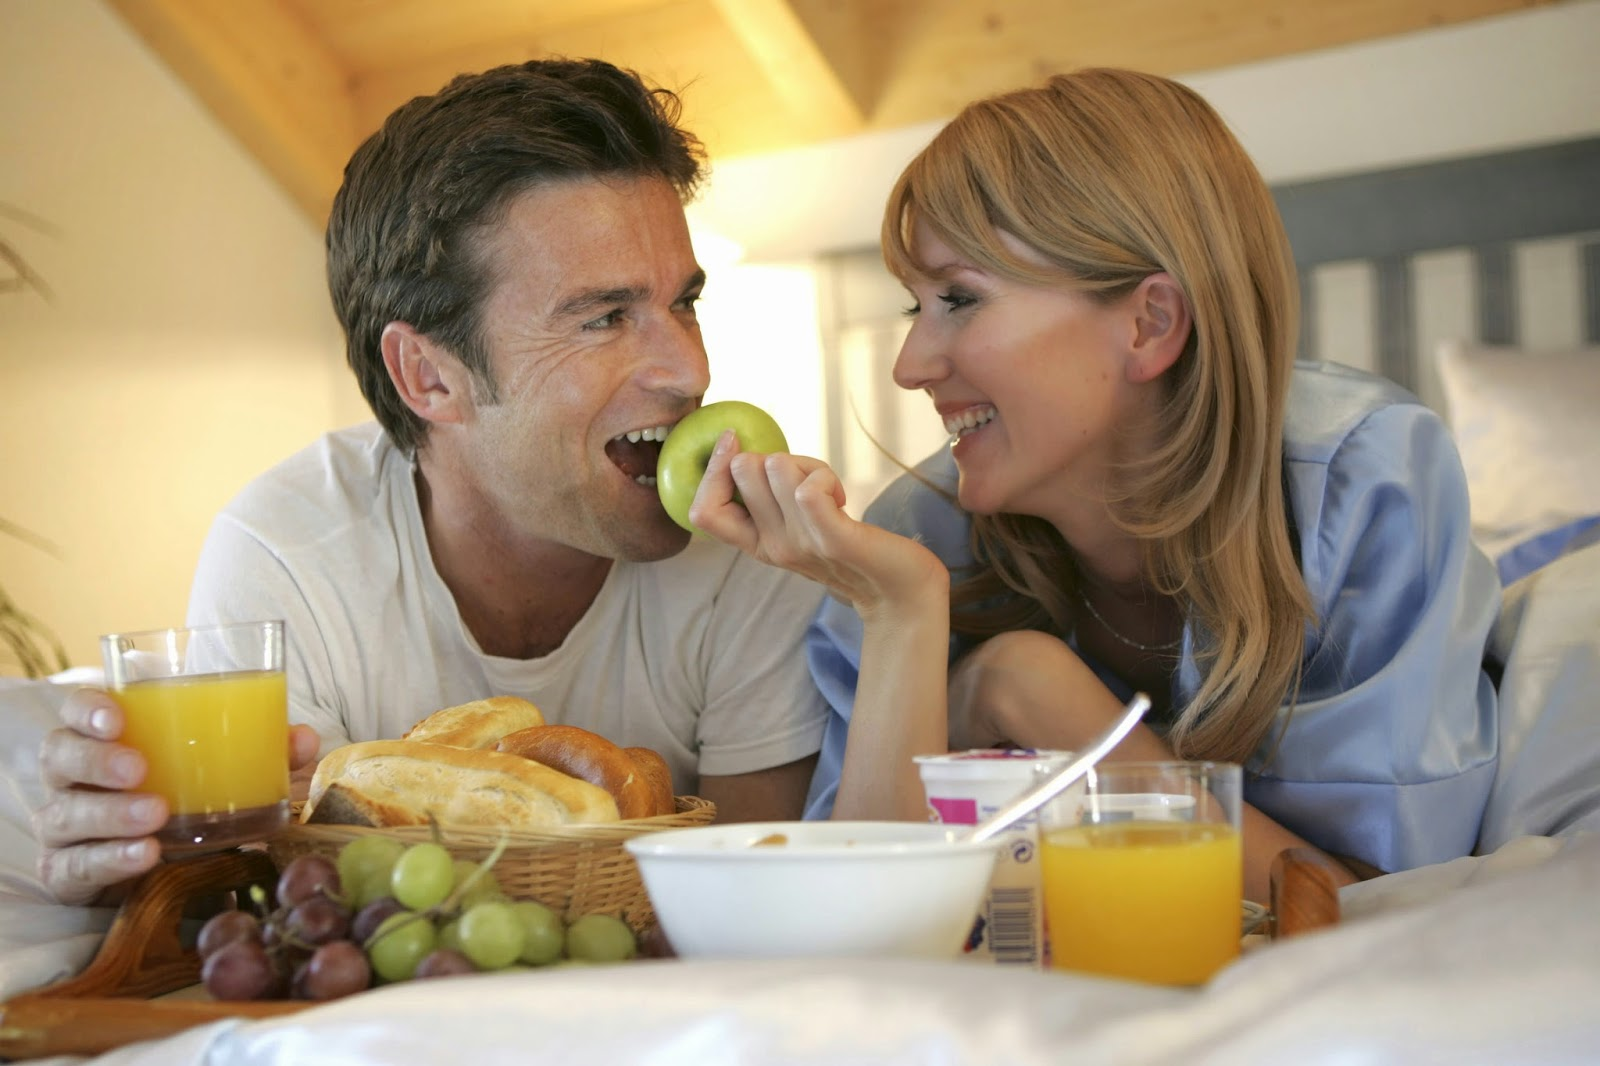 لماذا يؤدي الزواج الى زيادة الوزن؟